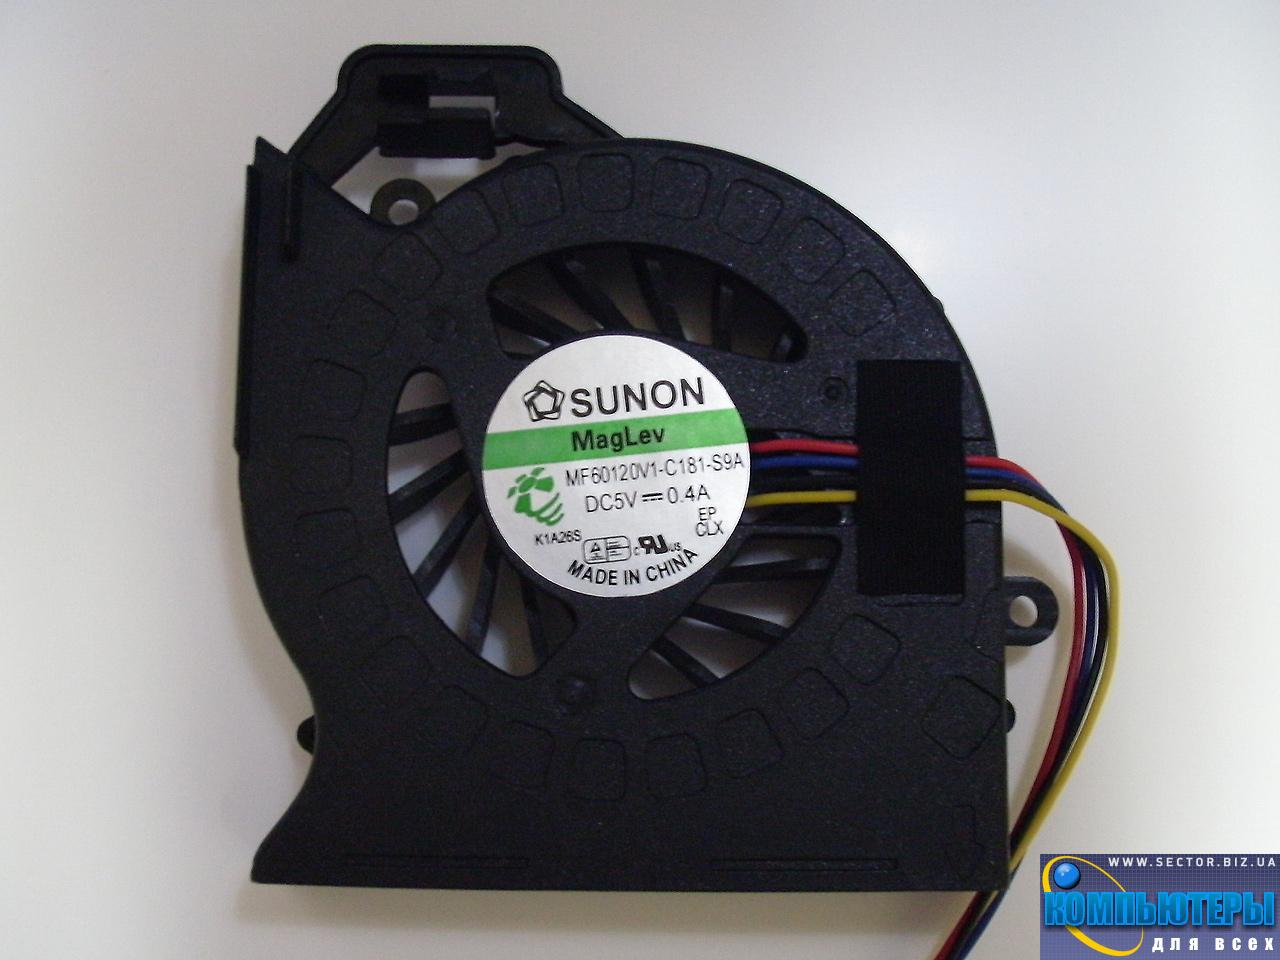 Кулер к ноутбуку HP Pavilion DV6-6200 DV6-6b00 DV6-6c00 DV7-6000 ProBook 4530S p/n: MF60120V1-C181-S9A. Фото № 6.